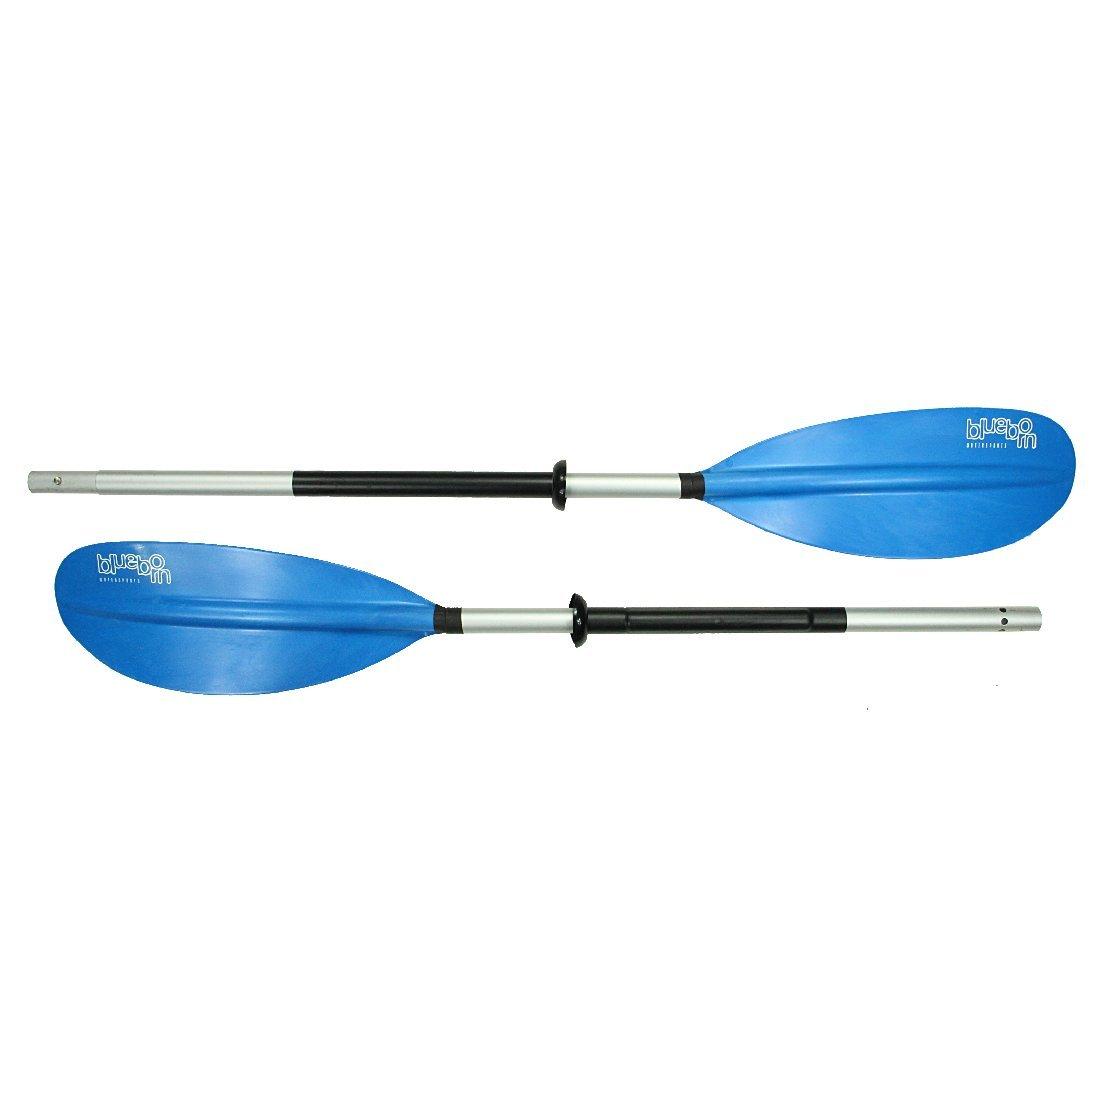 aluminium double paddle 230cm 1085g asymmetrically adjustable paddle sheets Blueborn KWB 230-2